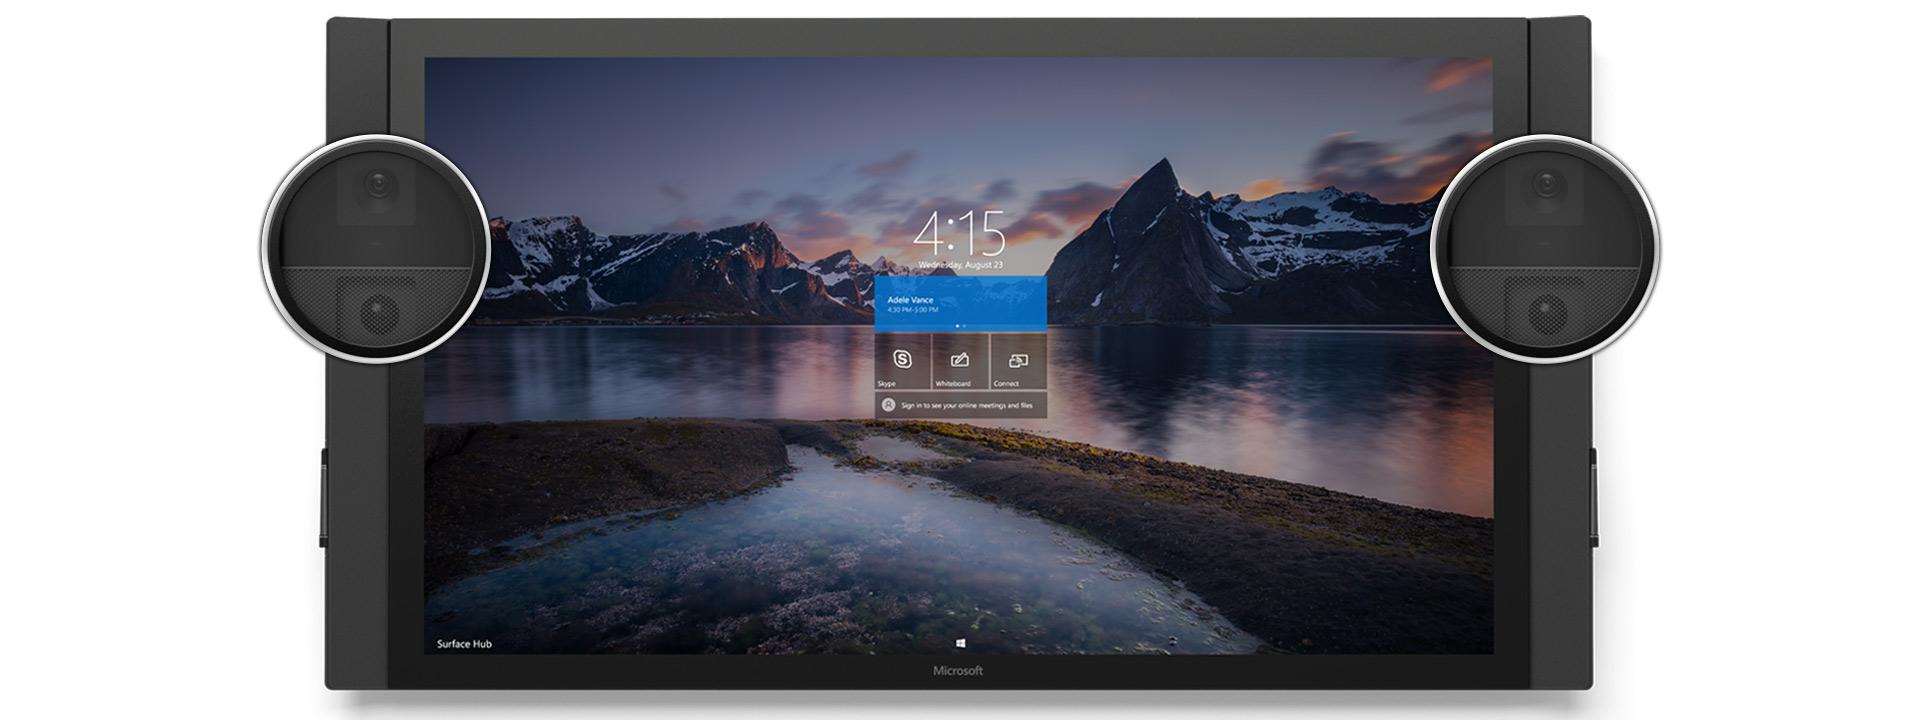 Vooraanzicht van Surface Hub met startscherm met natuuromgeving, met uitvergrote sensoren.